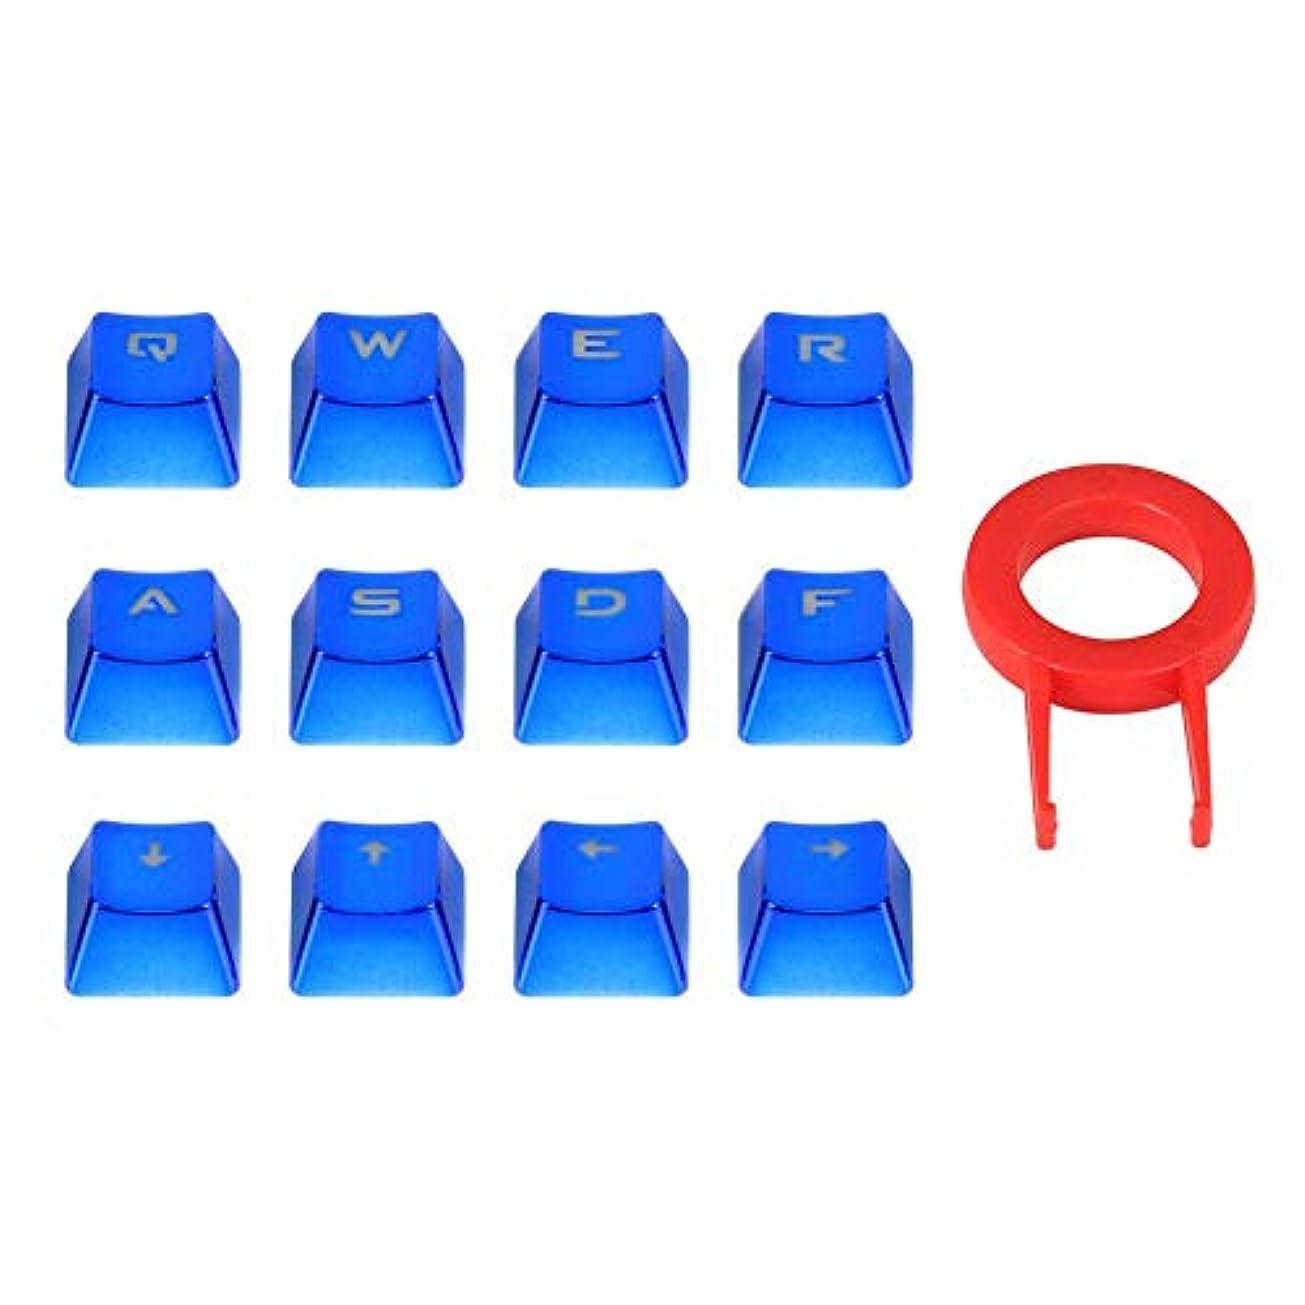 オン混合比類なきMacrorunjp キーキャップ Cherry MX軸メカニカルキーボード対応 防水 12キー バックライト メカニカルキーボード交換用 引抜工具付 ブルー